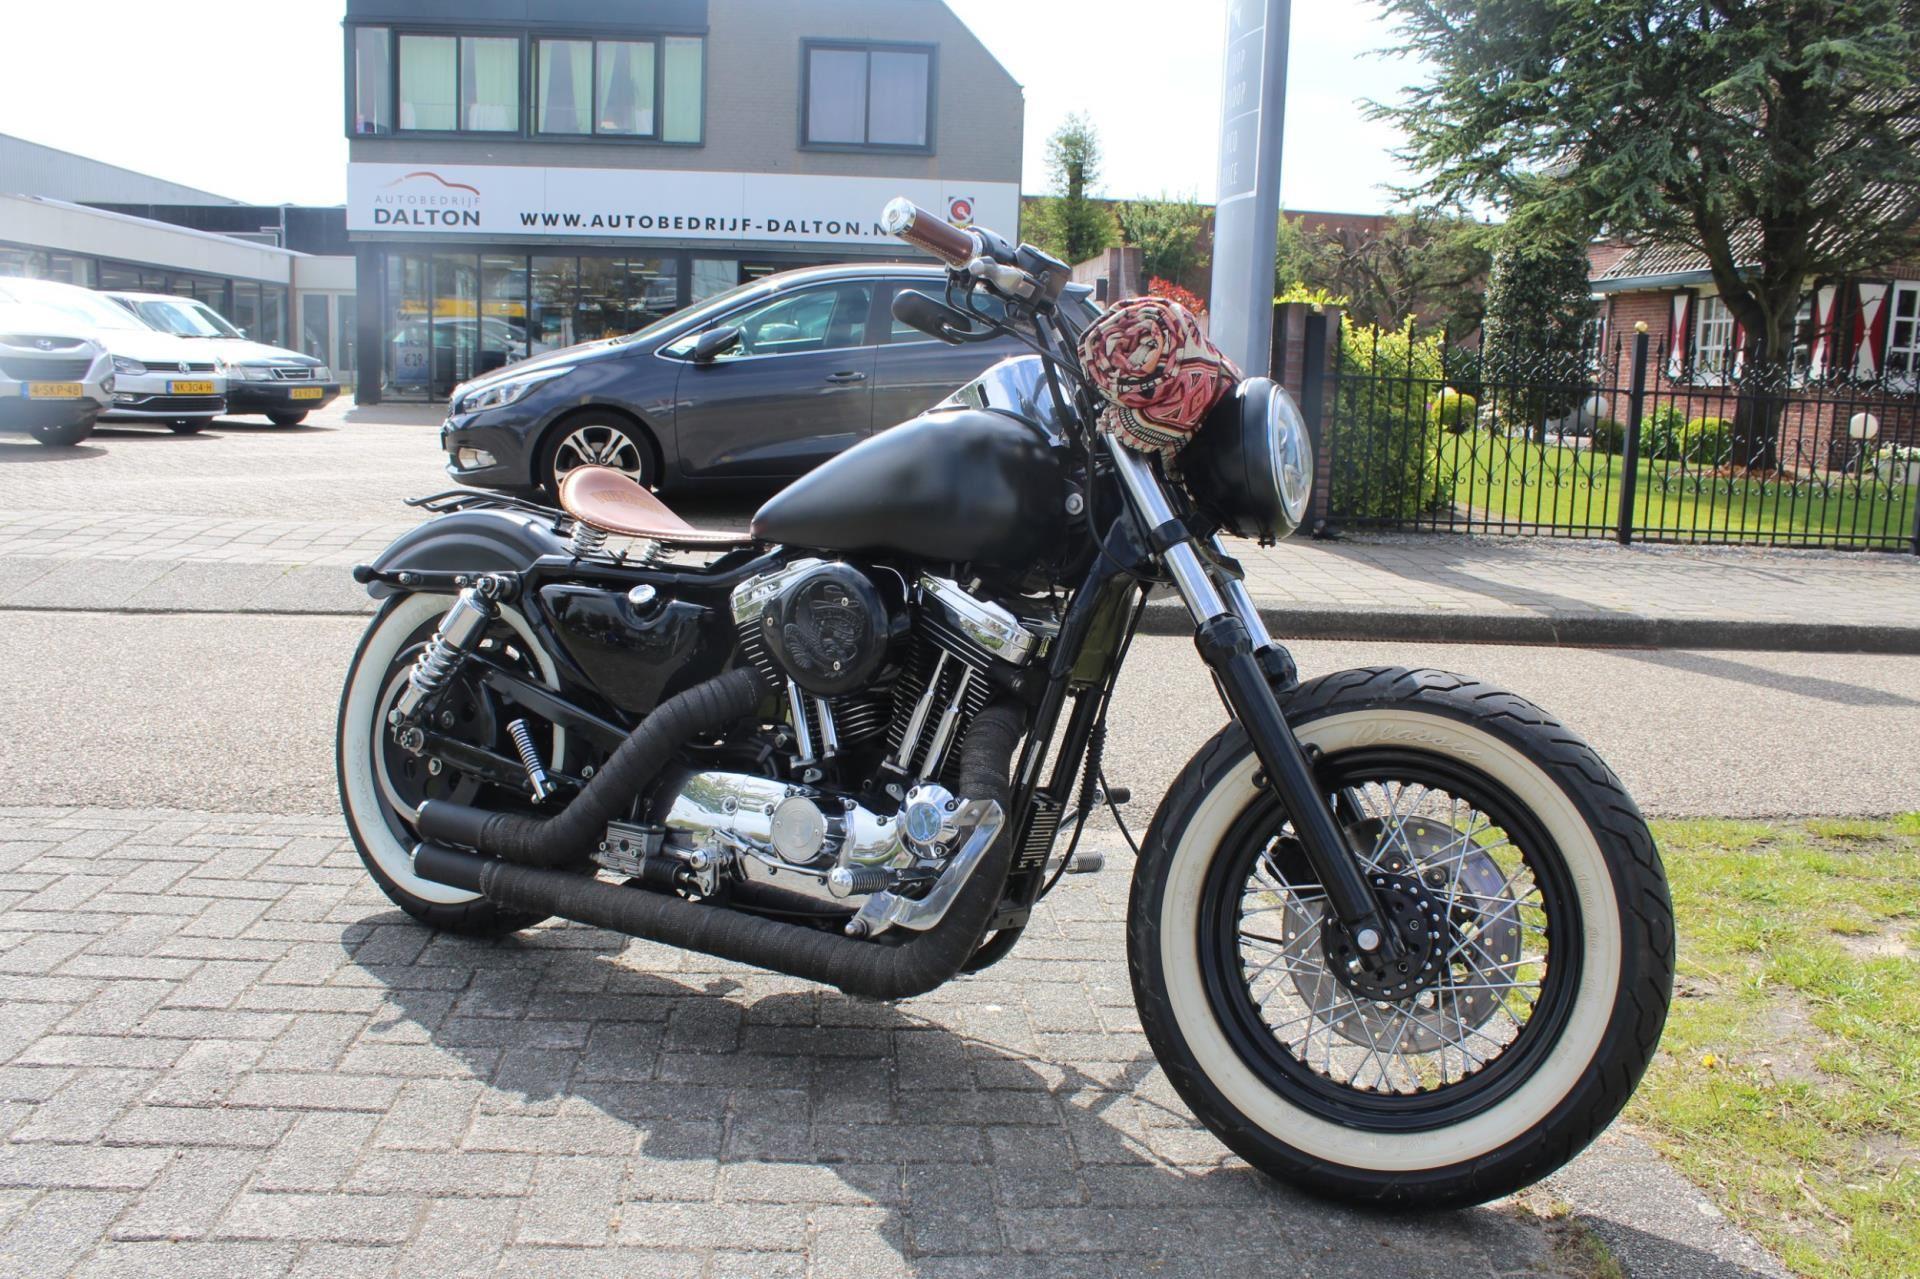 Harley Davidson Chopper occasion - Autobedrijf Dalton